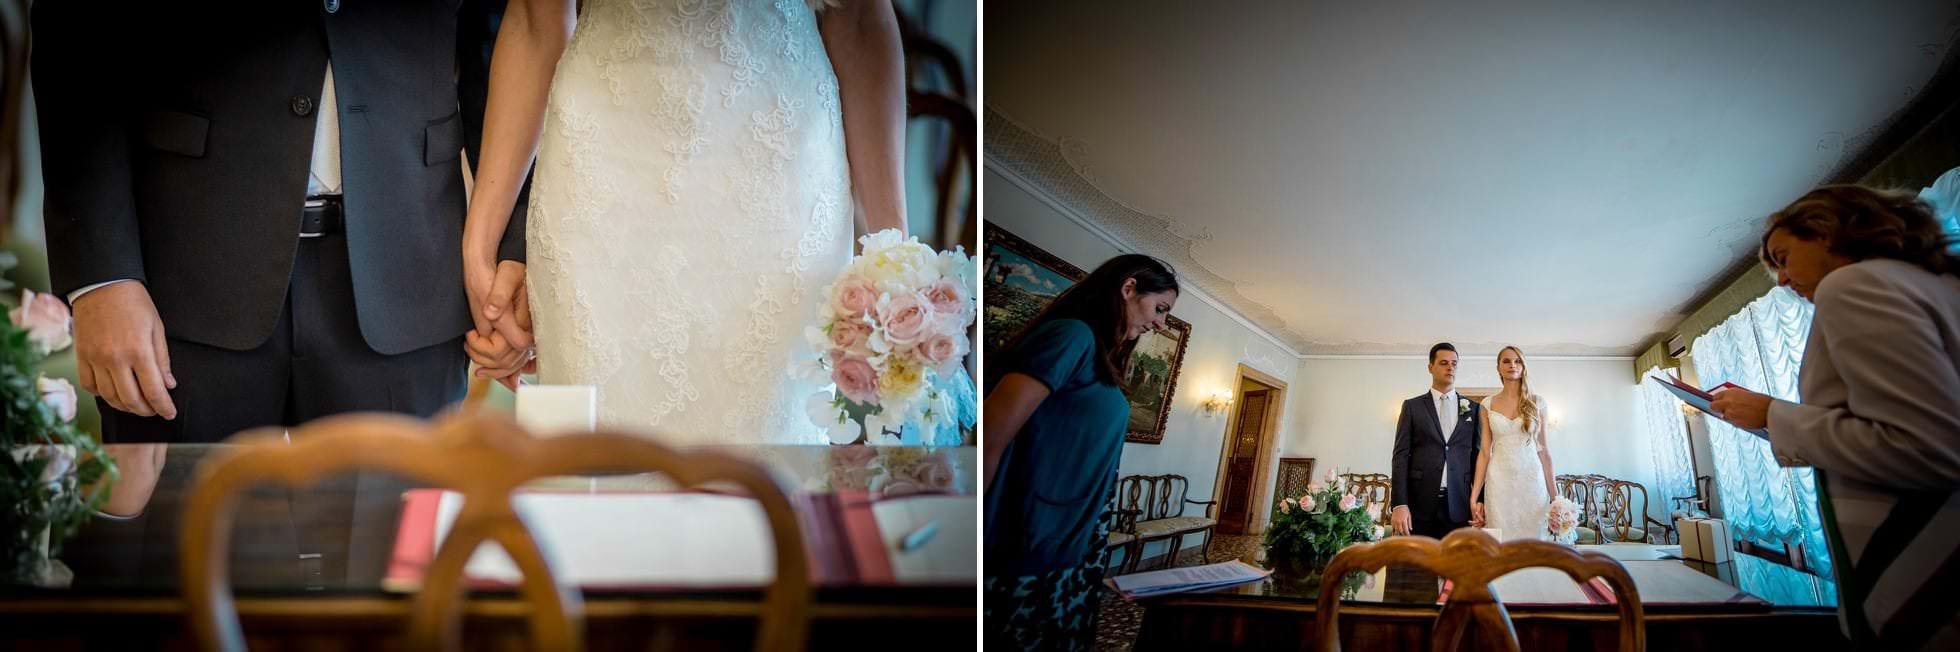 fotografo matrimonio canal grande venezia